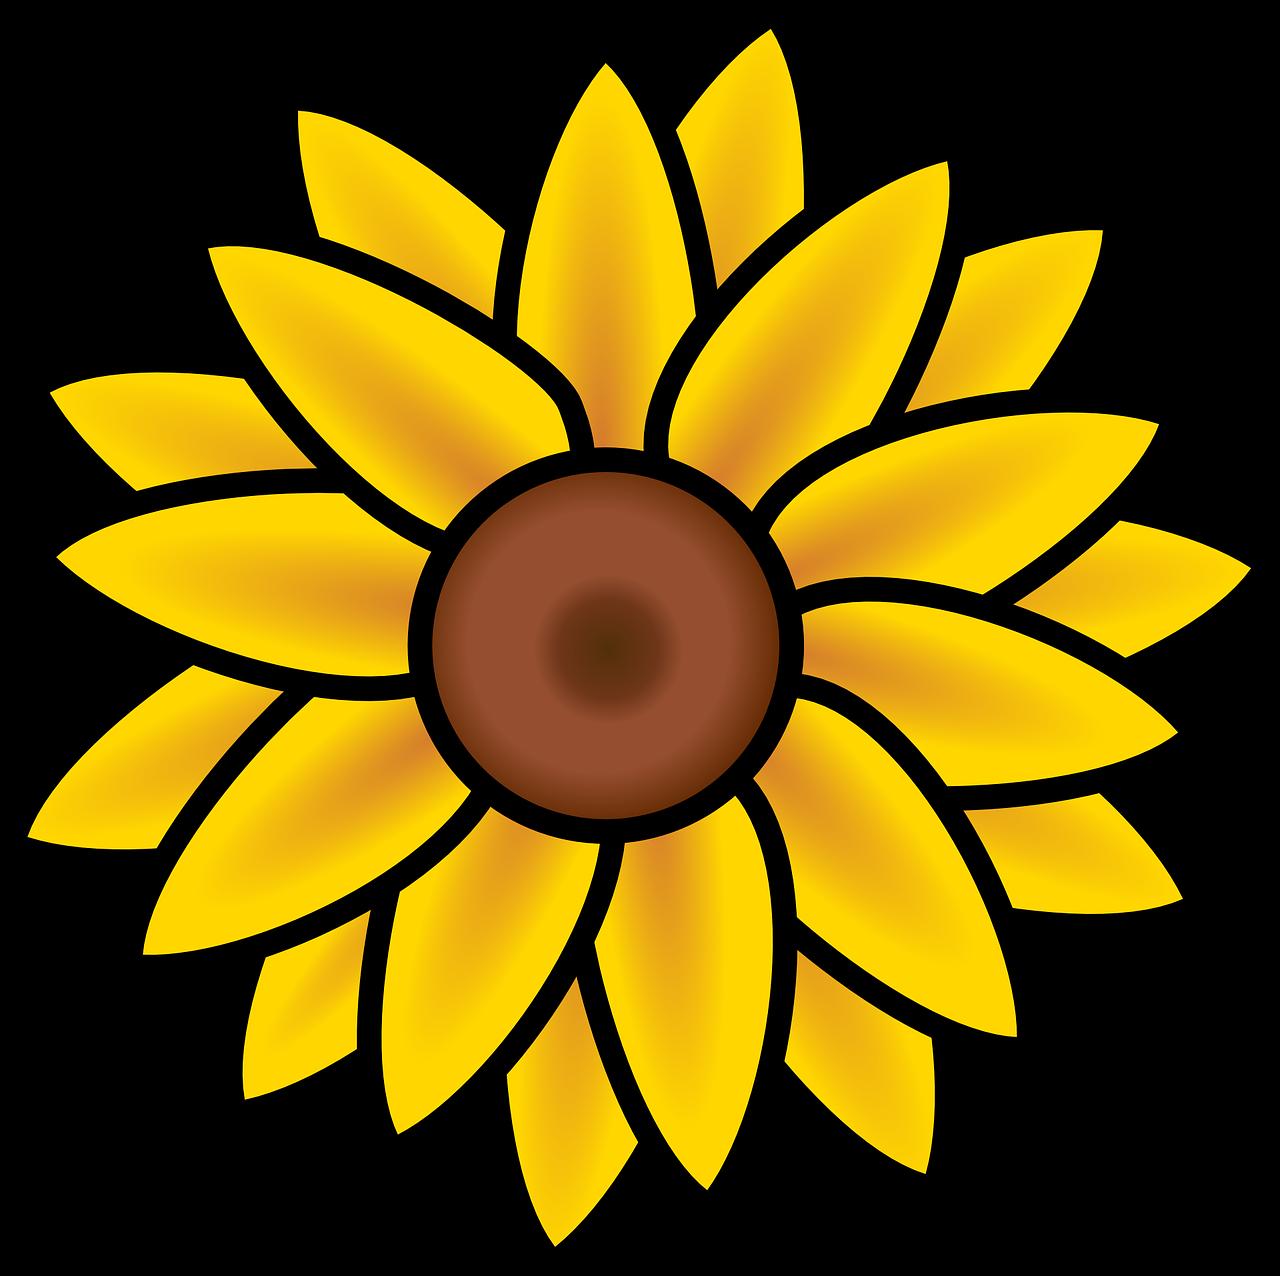 Bunga Matahari Musim Panas Alam Gambar Vektor Gratis Di Pixabay